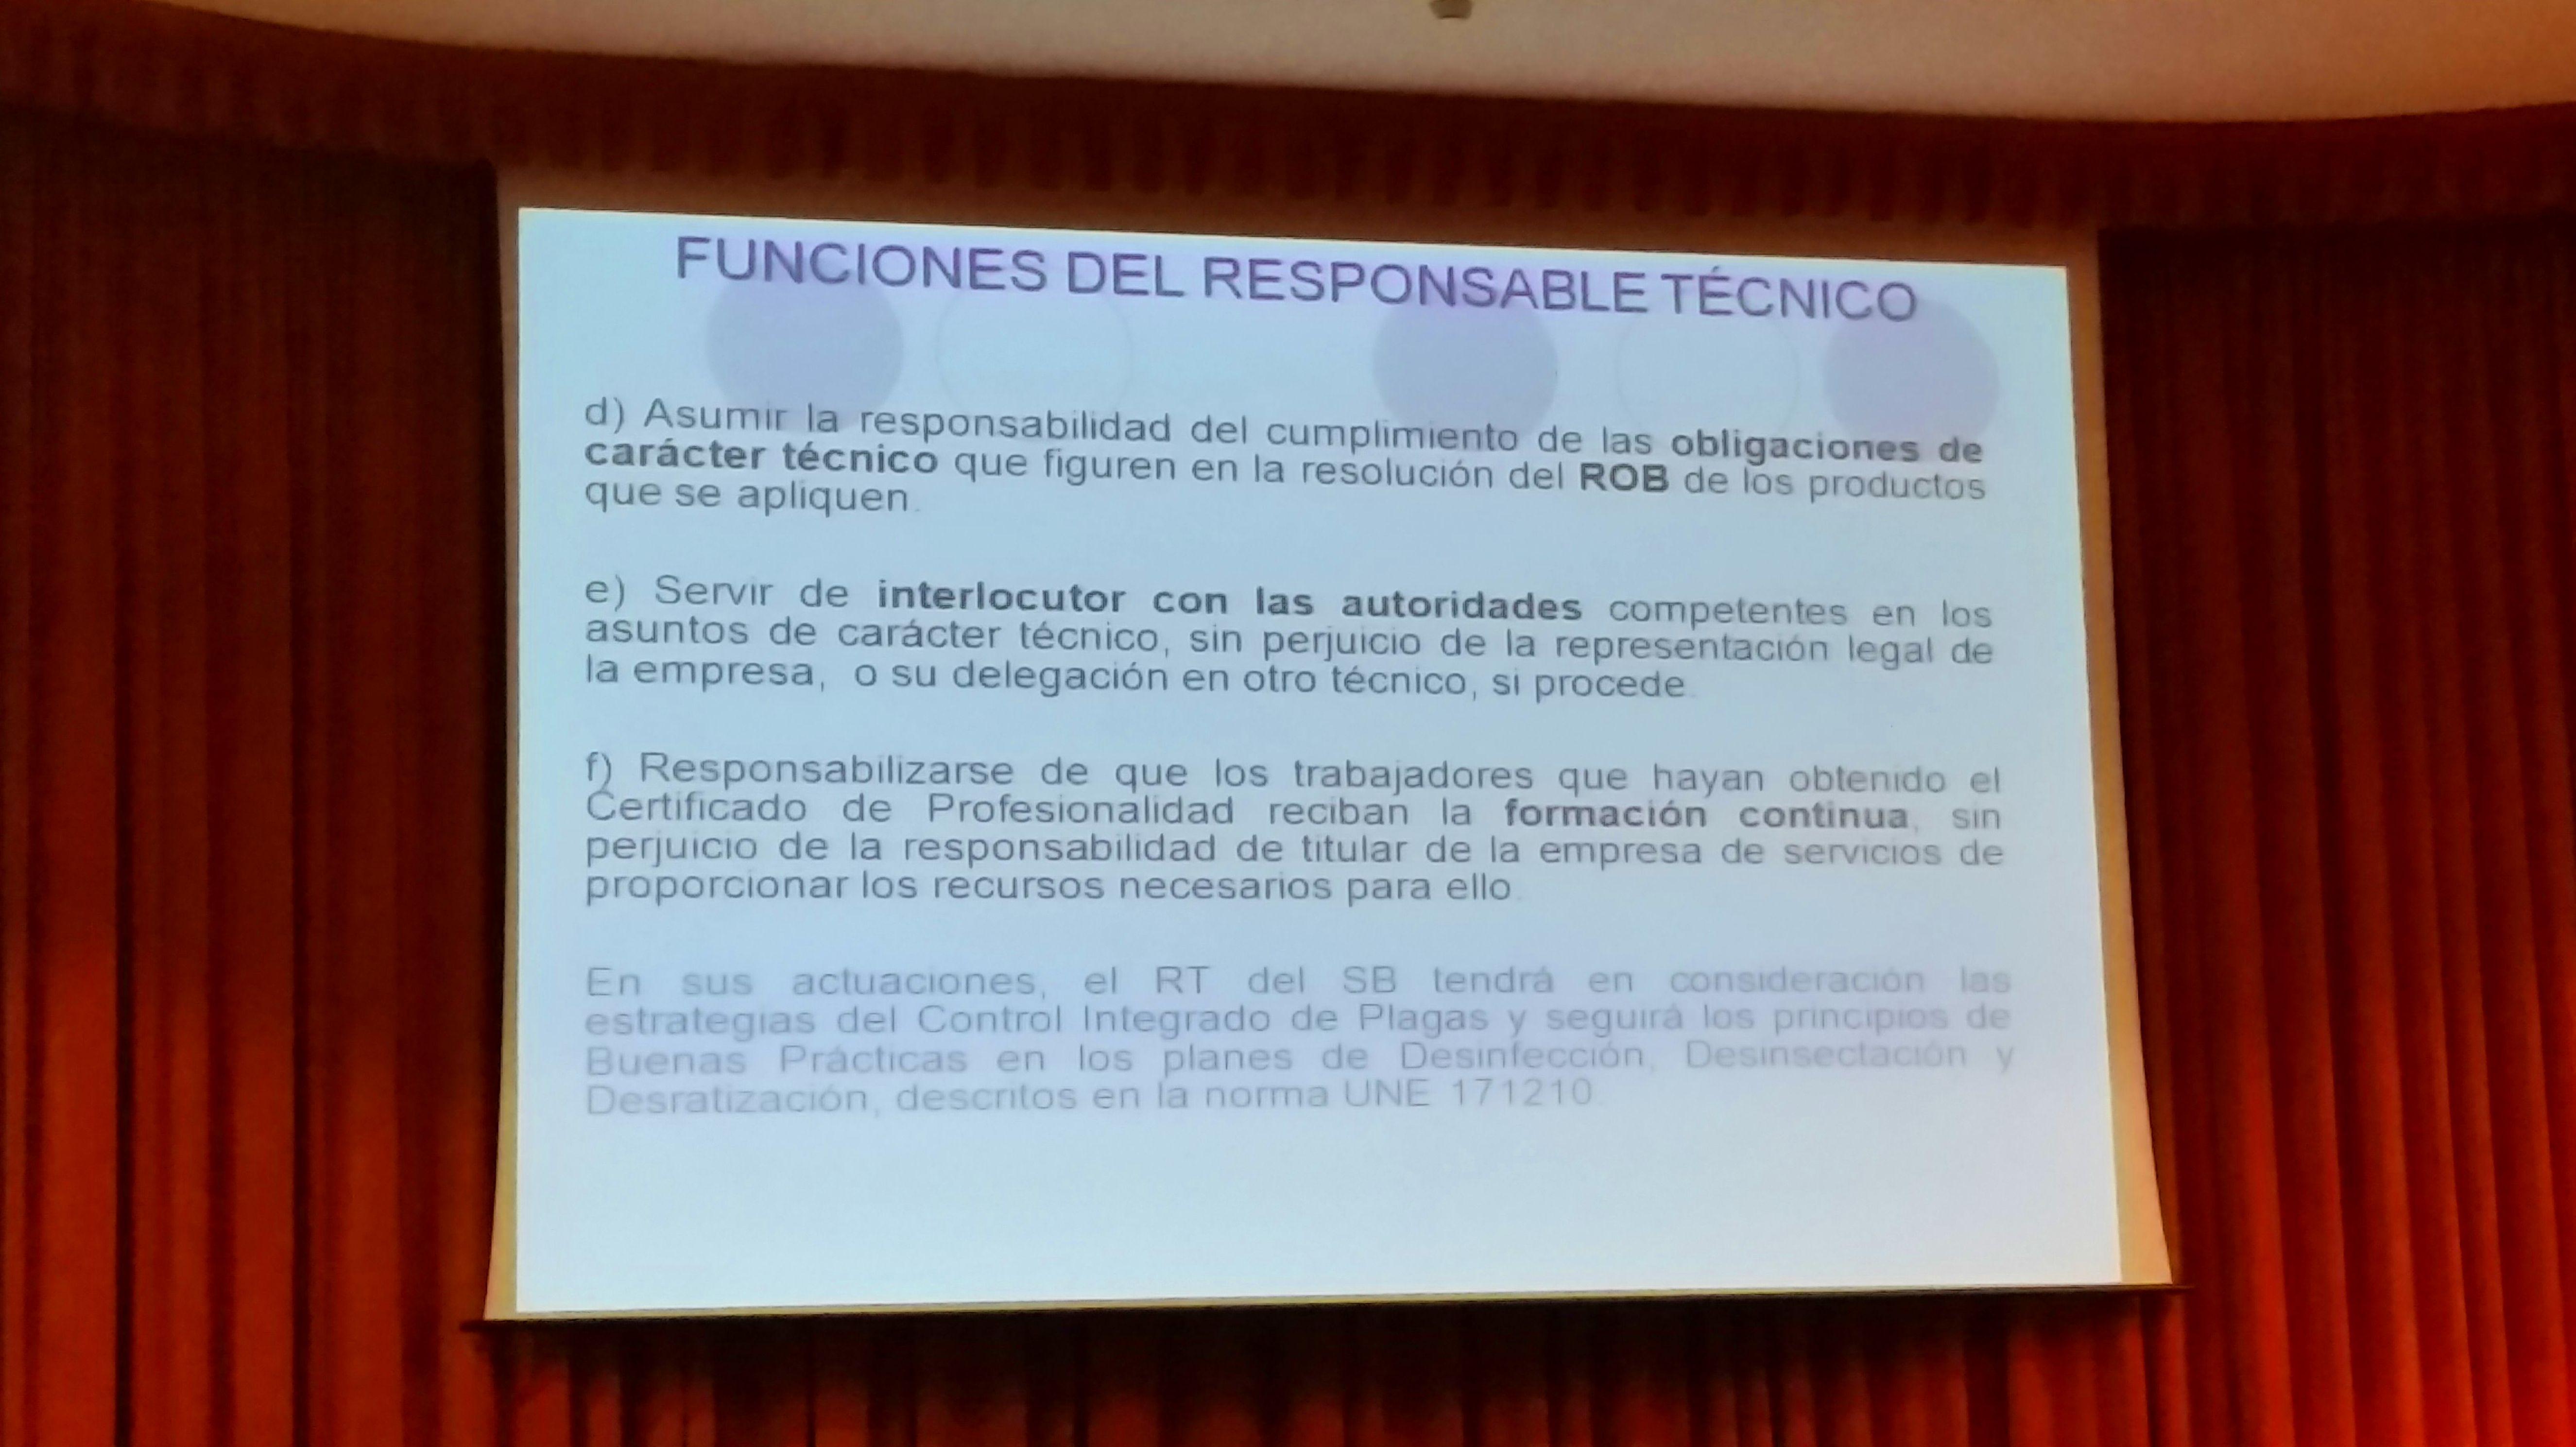 FUNCIONES DEL RESPONSABLE TÉCNICO